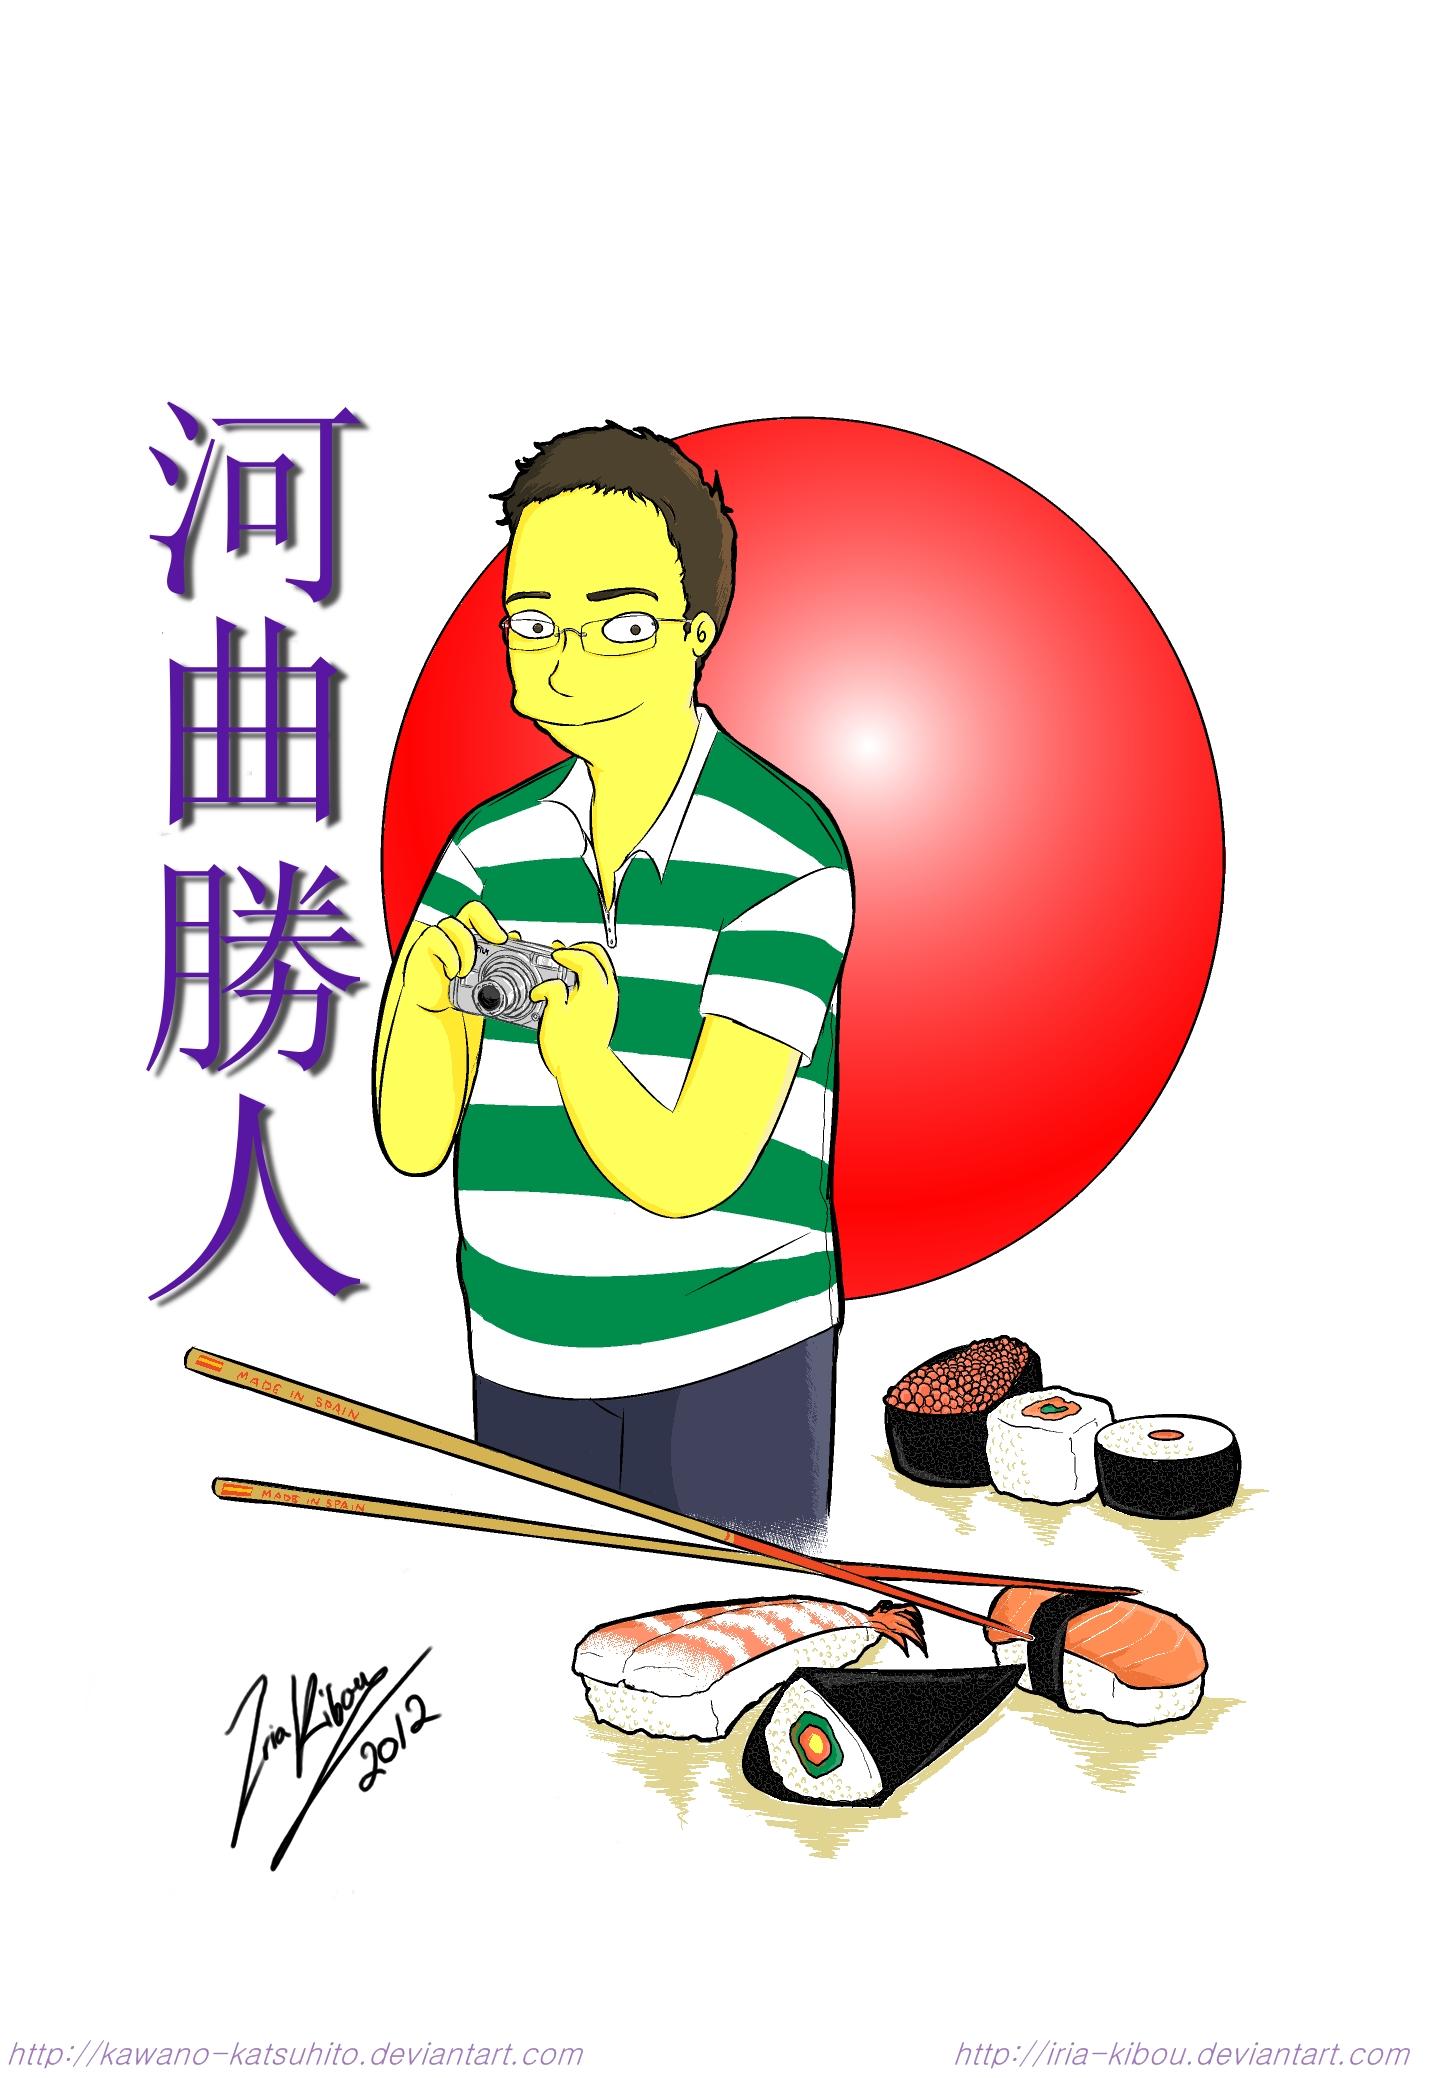 kawano-katsuhito's Profile Picture